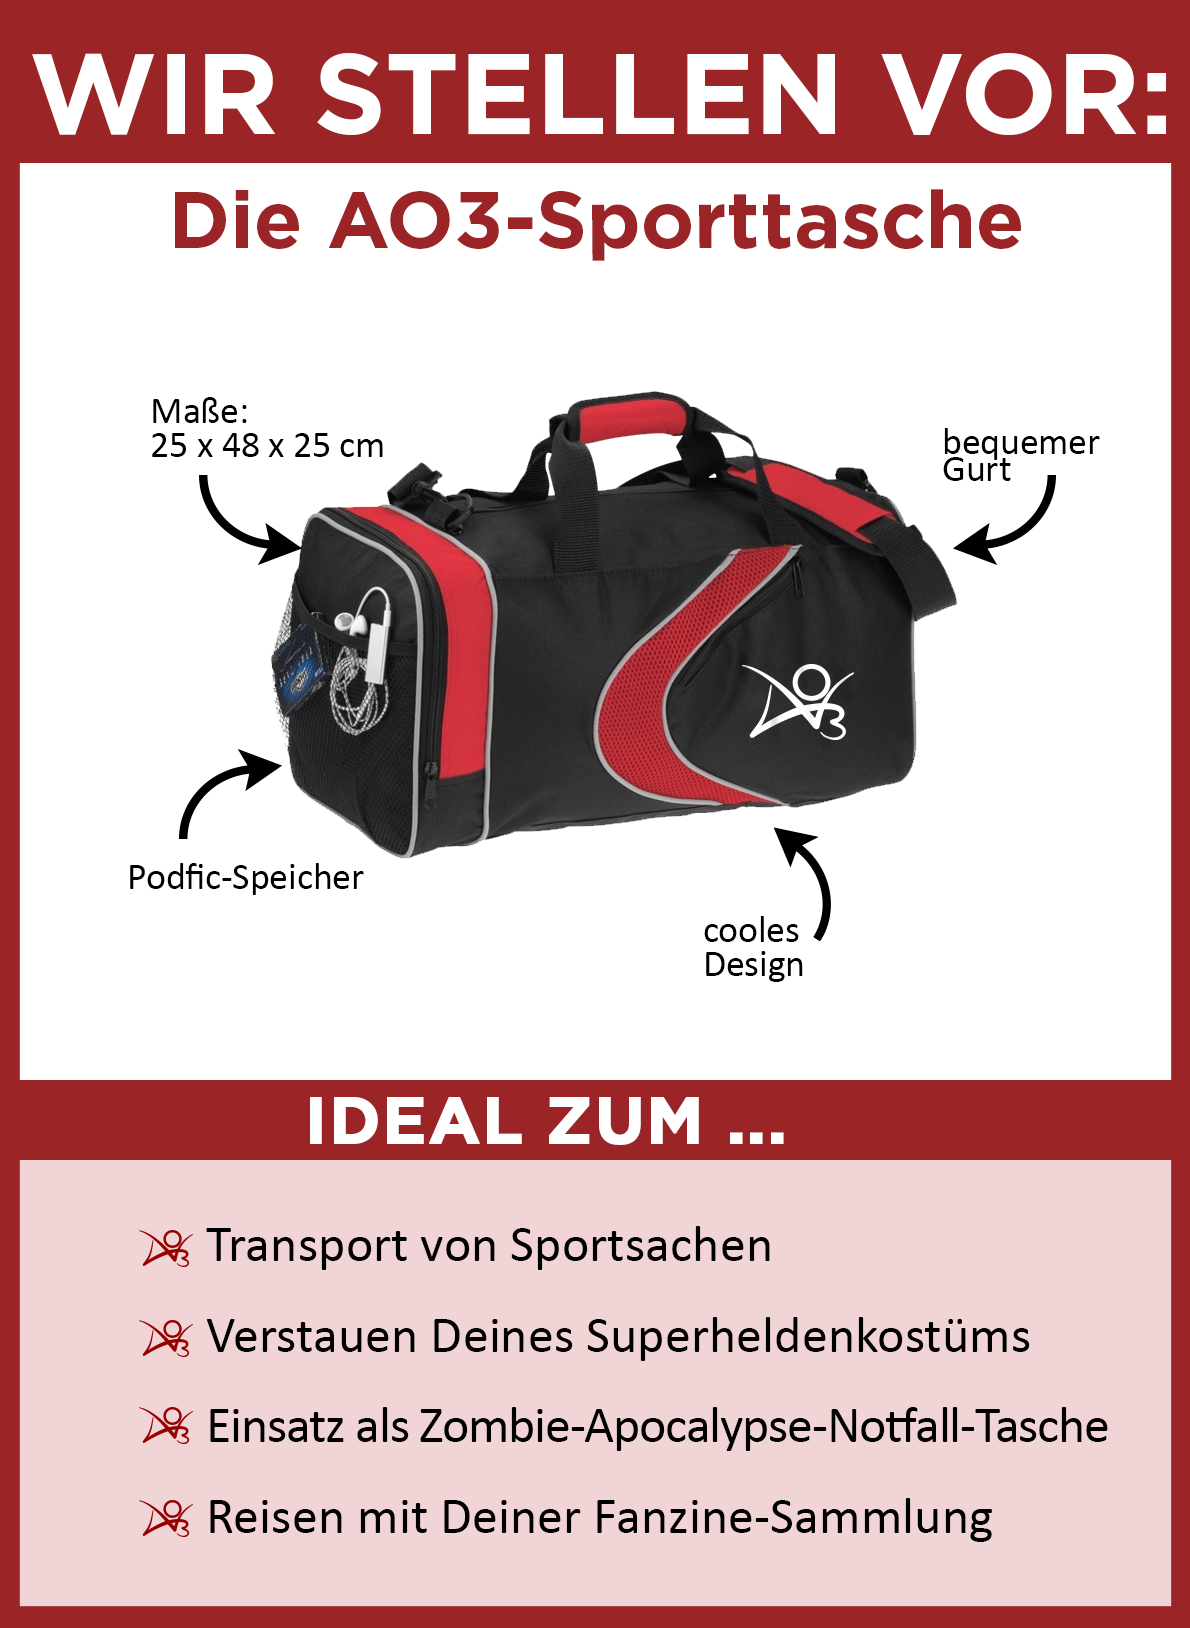 Wir stellen vor: die AO3 Sporttasche. Die Tasche ist schwarz mit roten Akzenten und einem weißen AO3 Logo an der Seite. Sie misst 25 x 48 x 25 Zentimeter. Sie hat einen bequemen Schultergurt sowie eine Netz-Seitentasche, ideal als Podfic-Speicher. Sie ist perfekt für den Transport von Sportsachen, zum Verstauen Deines Superheldenkostüms, Einsatz als Zombie-Apocalypse-Notfall-Tasche und Reisen mit Deiner Fanzine-Sammlung.